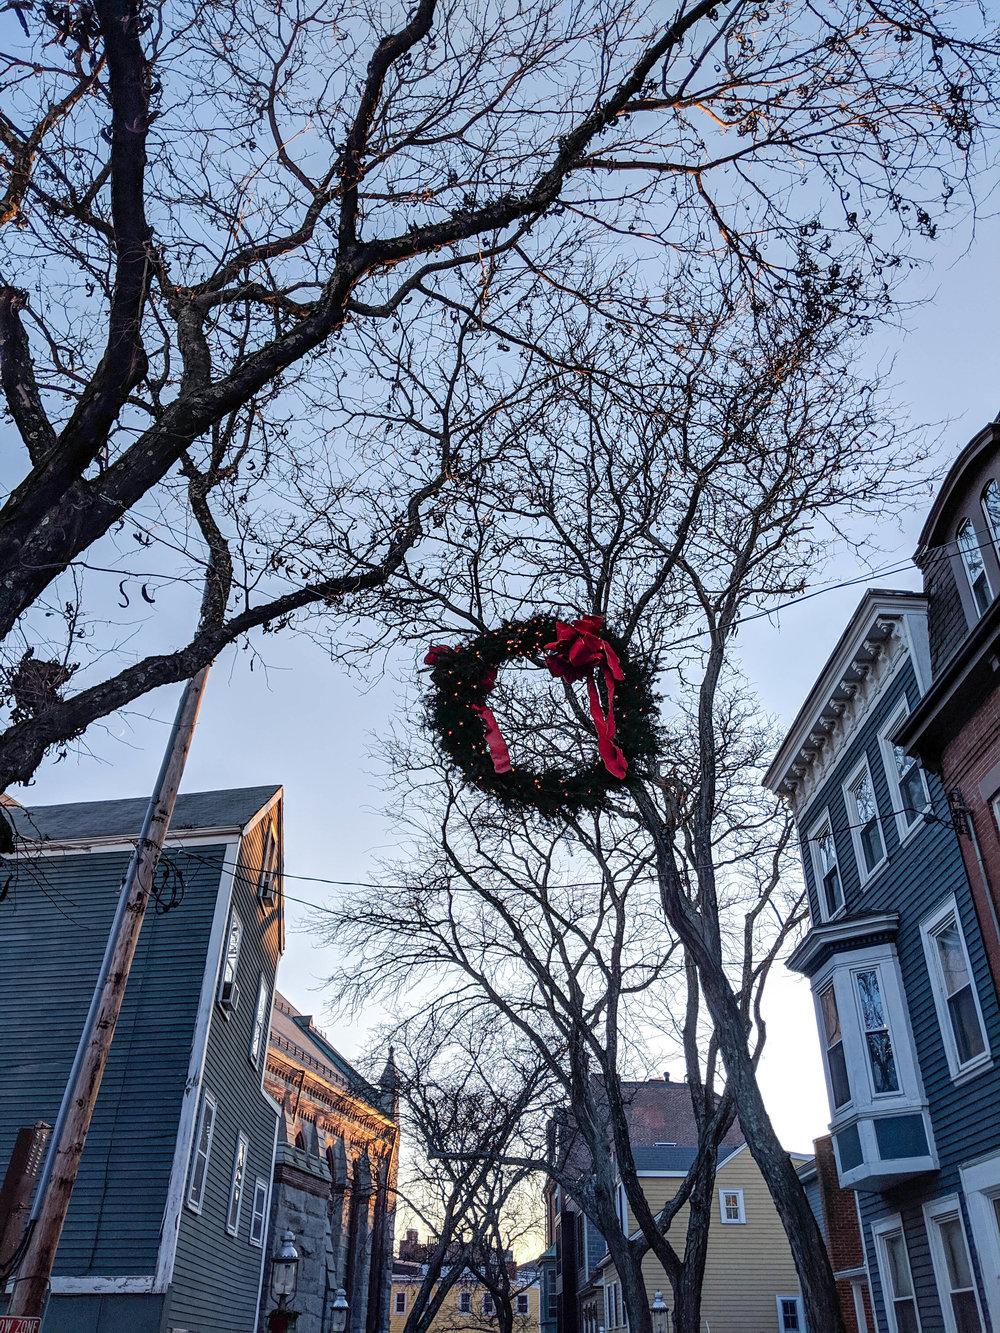 bri rinehart; photography; boston; Christmas; wreath; charlestown